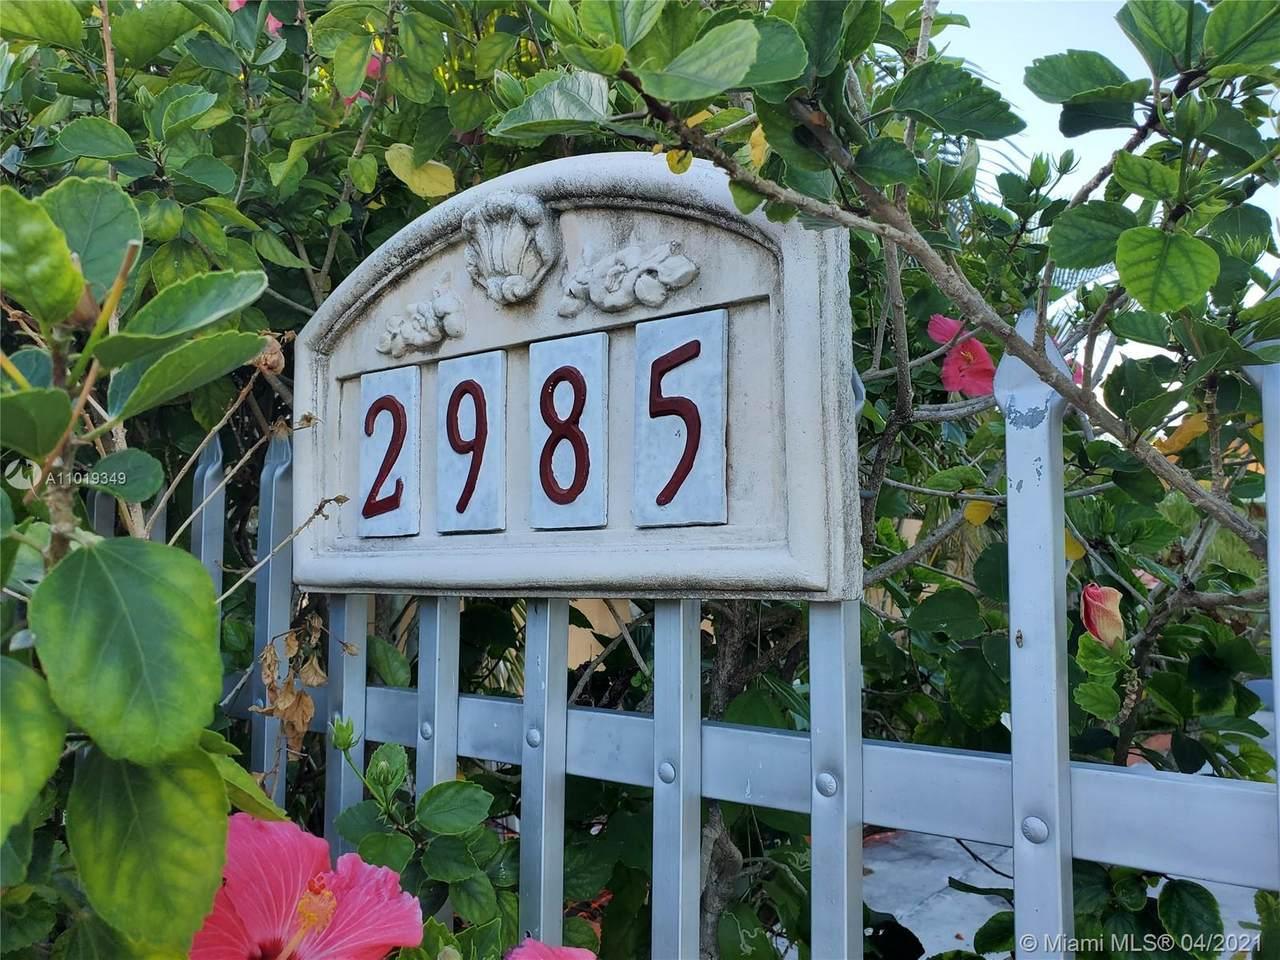 2987 2nd St - Photo 1